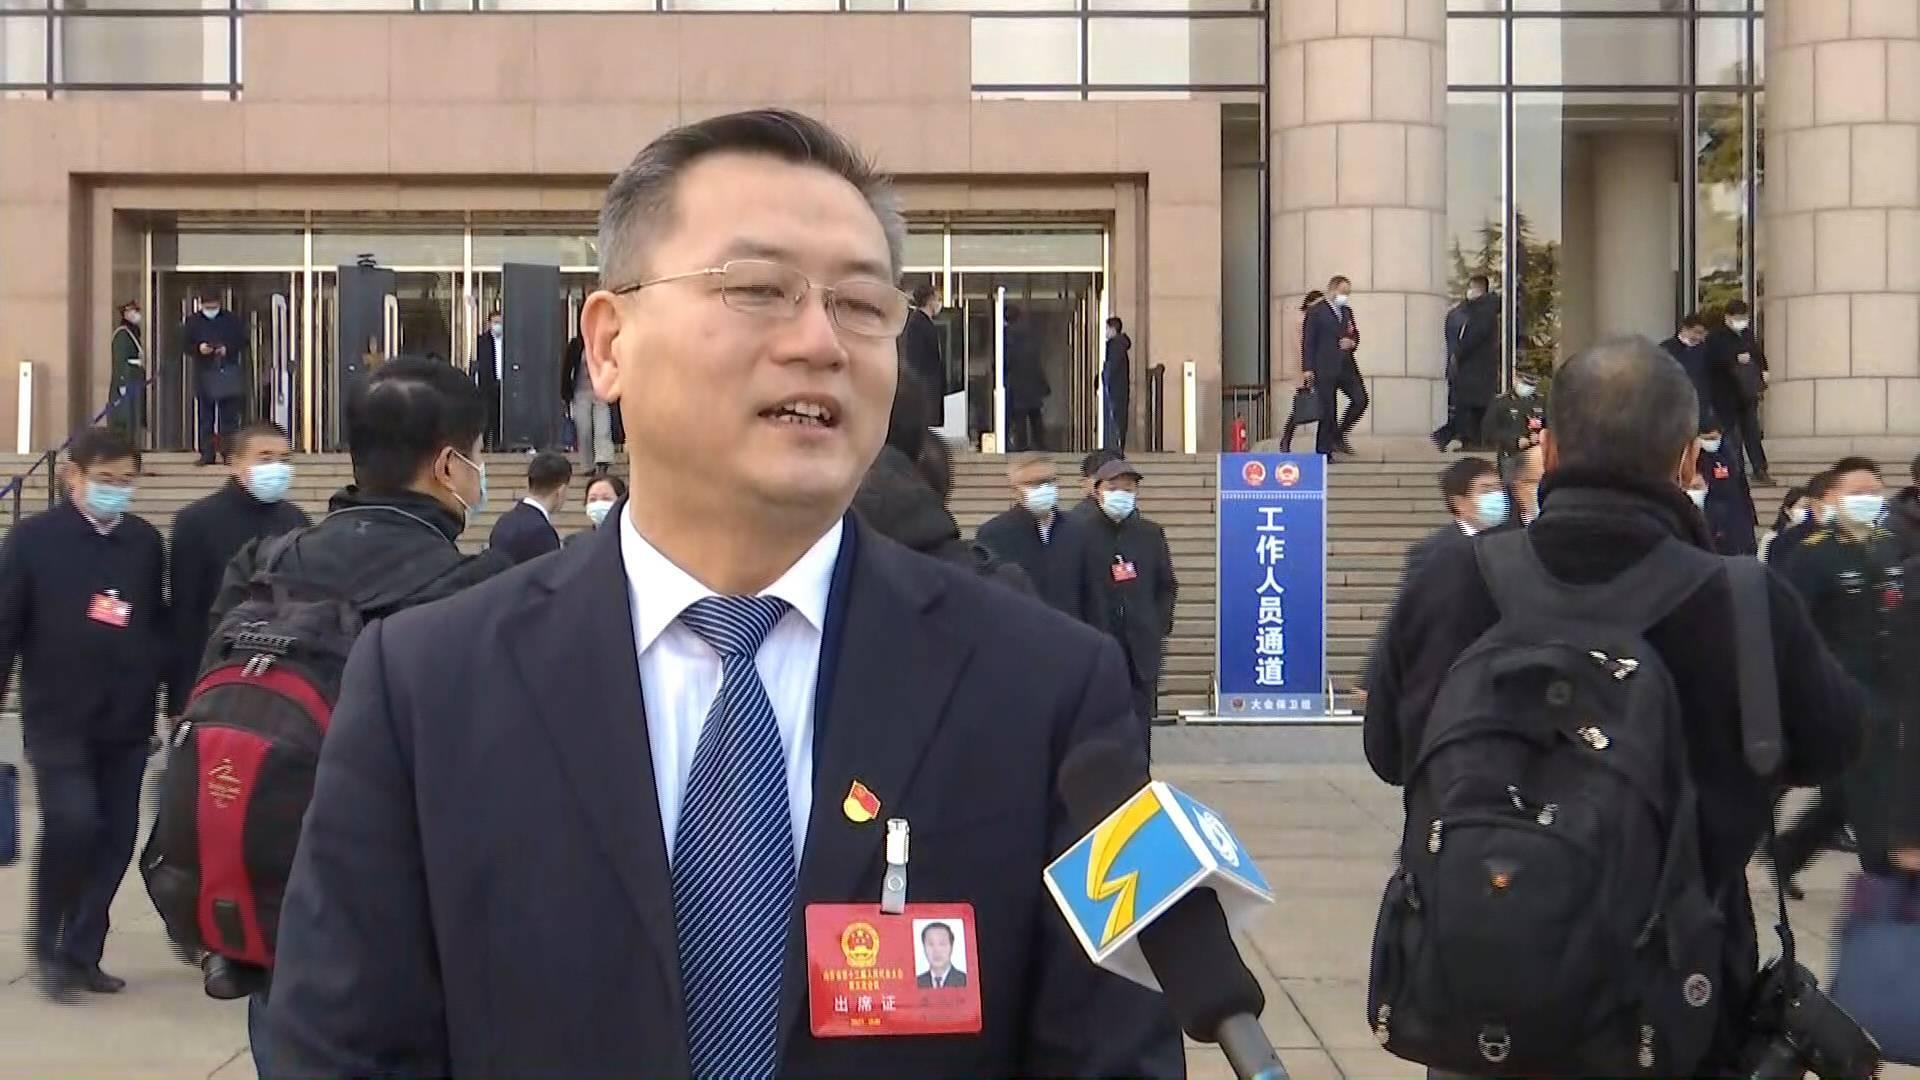 聚焦2021山东两会丨省人大代表张龙江:全力抓好链长制 推动区域经济高质量发展